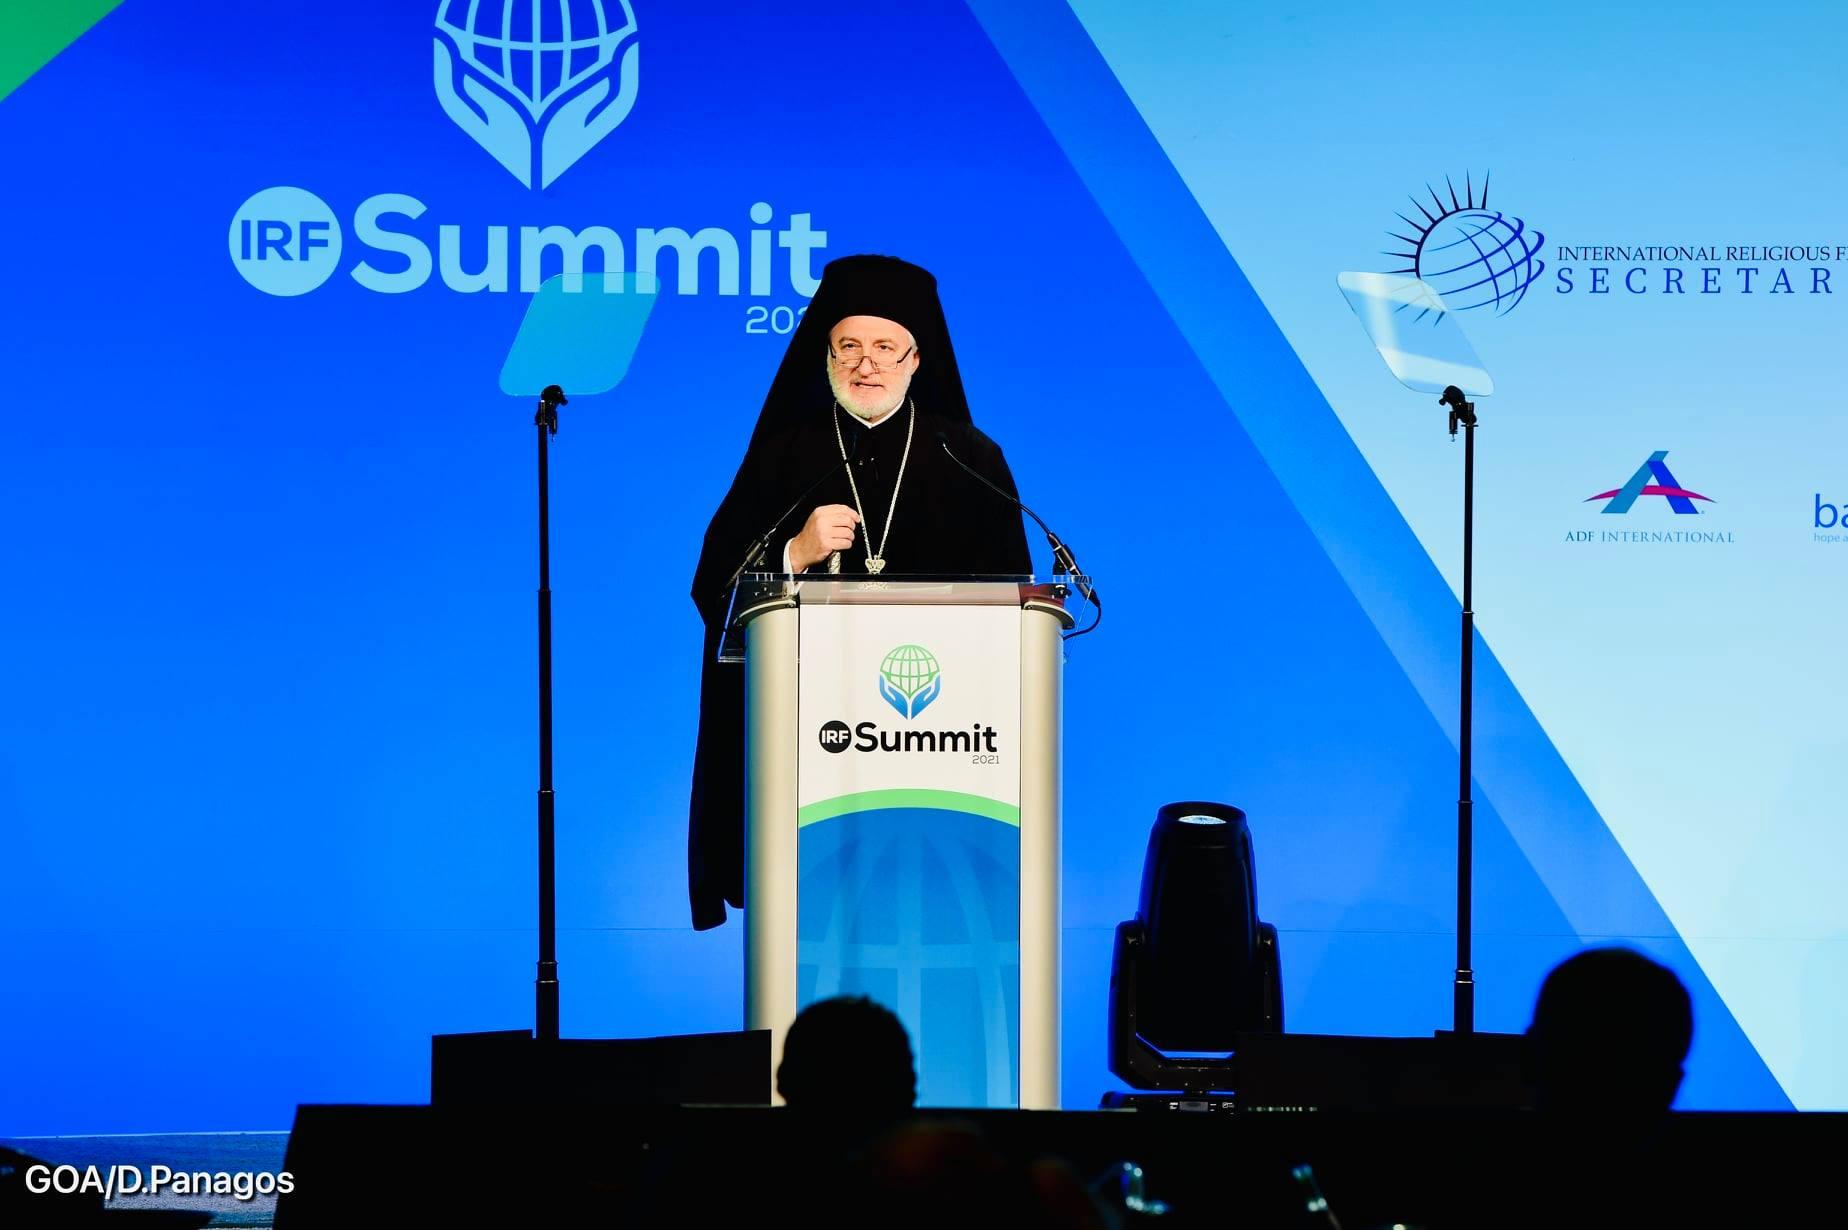 """Речь архиеп. Элпидофора на Саммите по вопросам религиозной свободы: """"Восходящая волна религиозного национализма"""""""